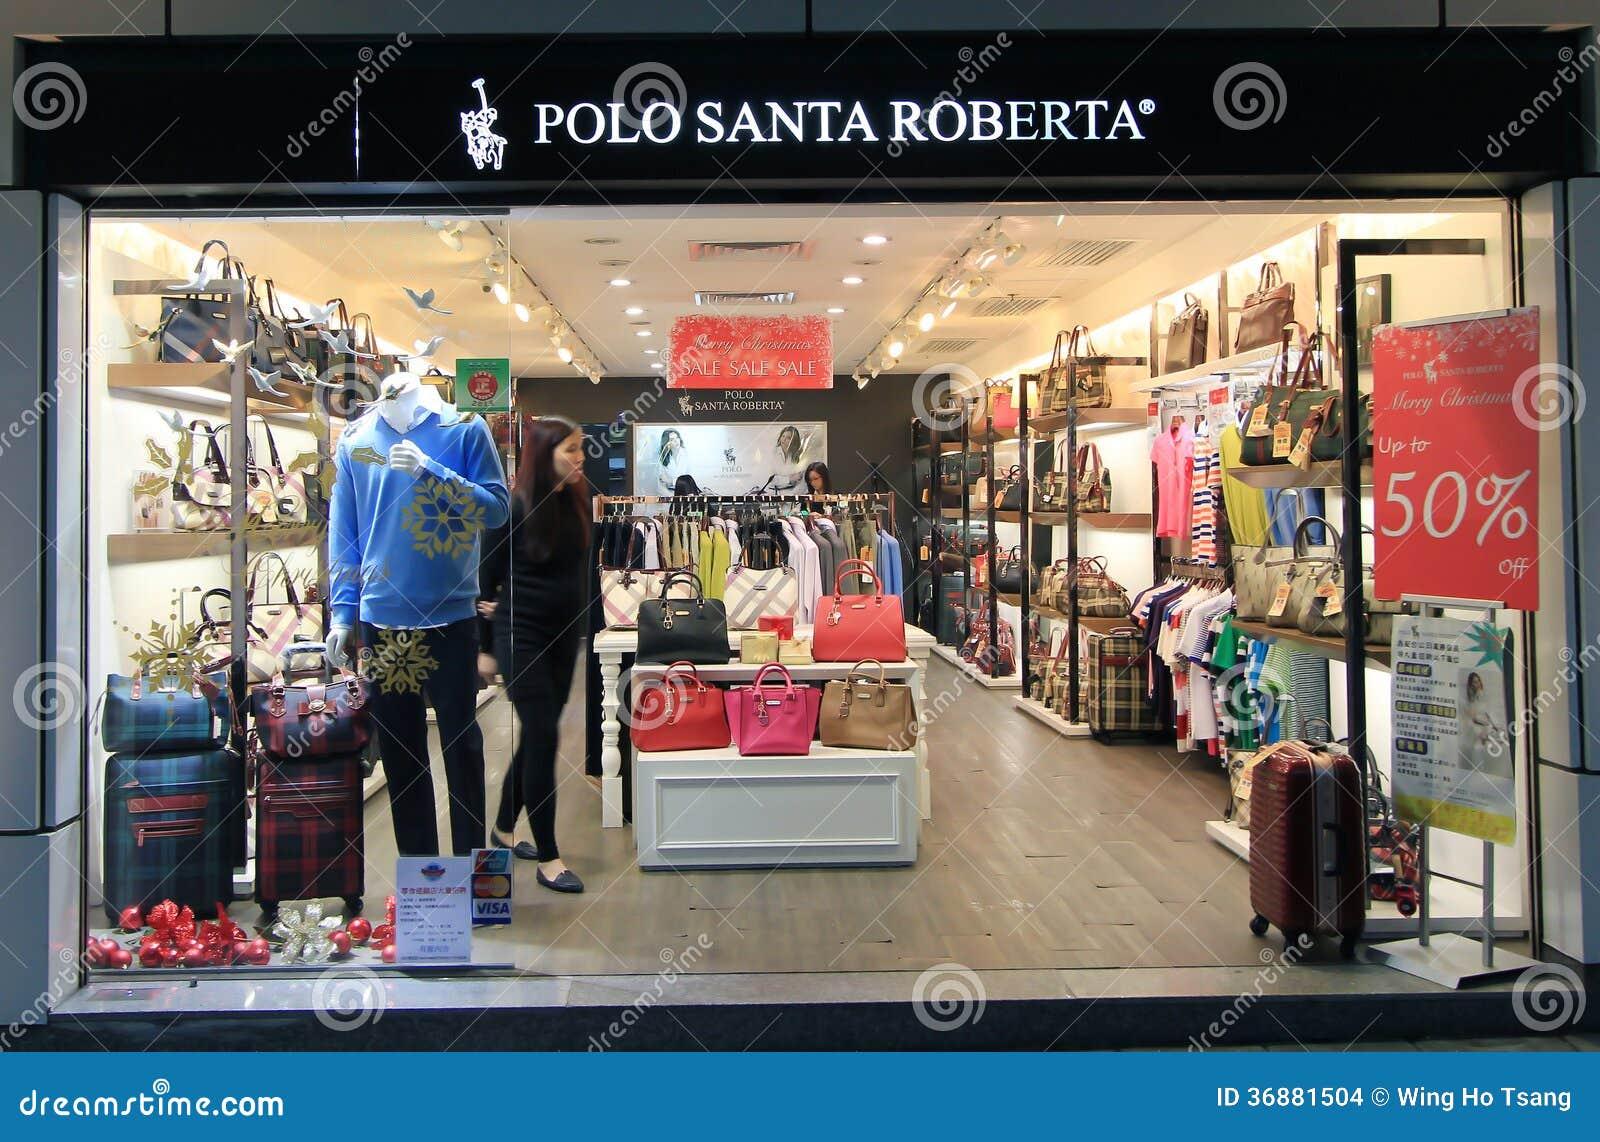 Download Negozio Di Santa Roberta Di Polo A Hong Kong Immagine Stock Editoriale - Immagine di negozio, kong: 36881504